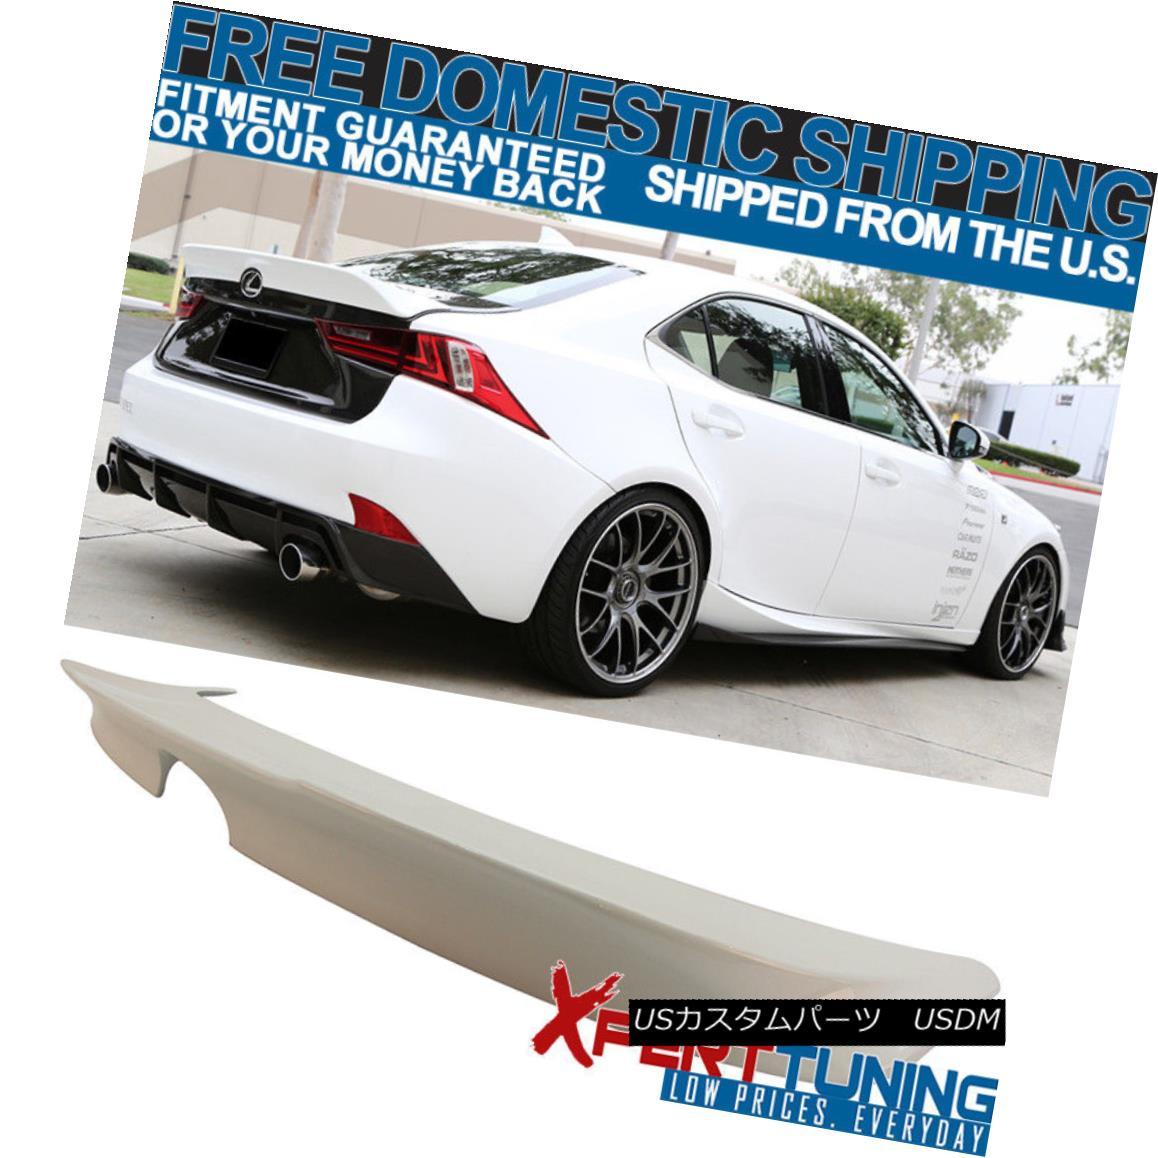 本物の エアロパーツ Fit (ABS) For 14-16 Ultra IS250 Painted Ultra Spoiler White # 083 TRD Style Trunk Spoiler (ABS) 14-16 IS250塗装ウルトラホワイト#083 TRDスタイルトランクスポイラー(ABS), タタス ファミリーモール:40d6a770 --- supernovahol.online